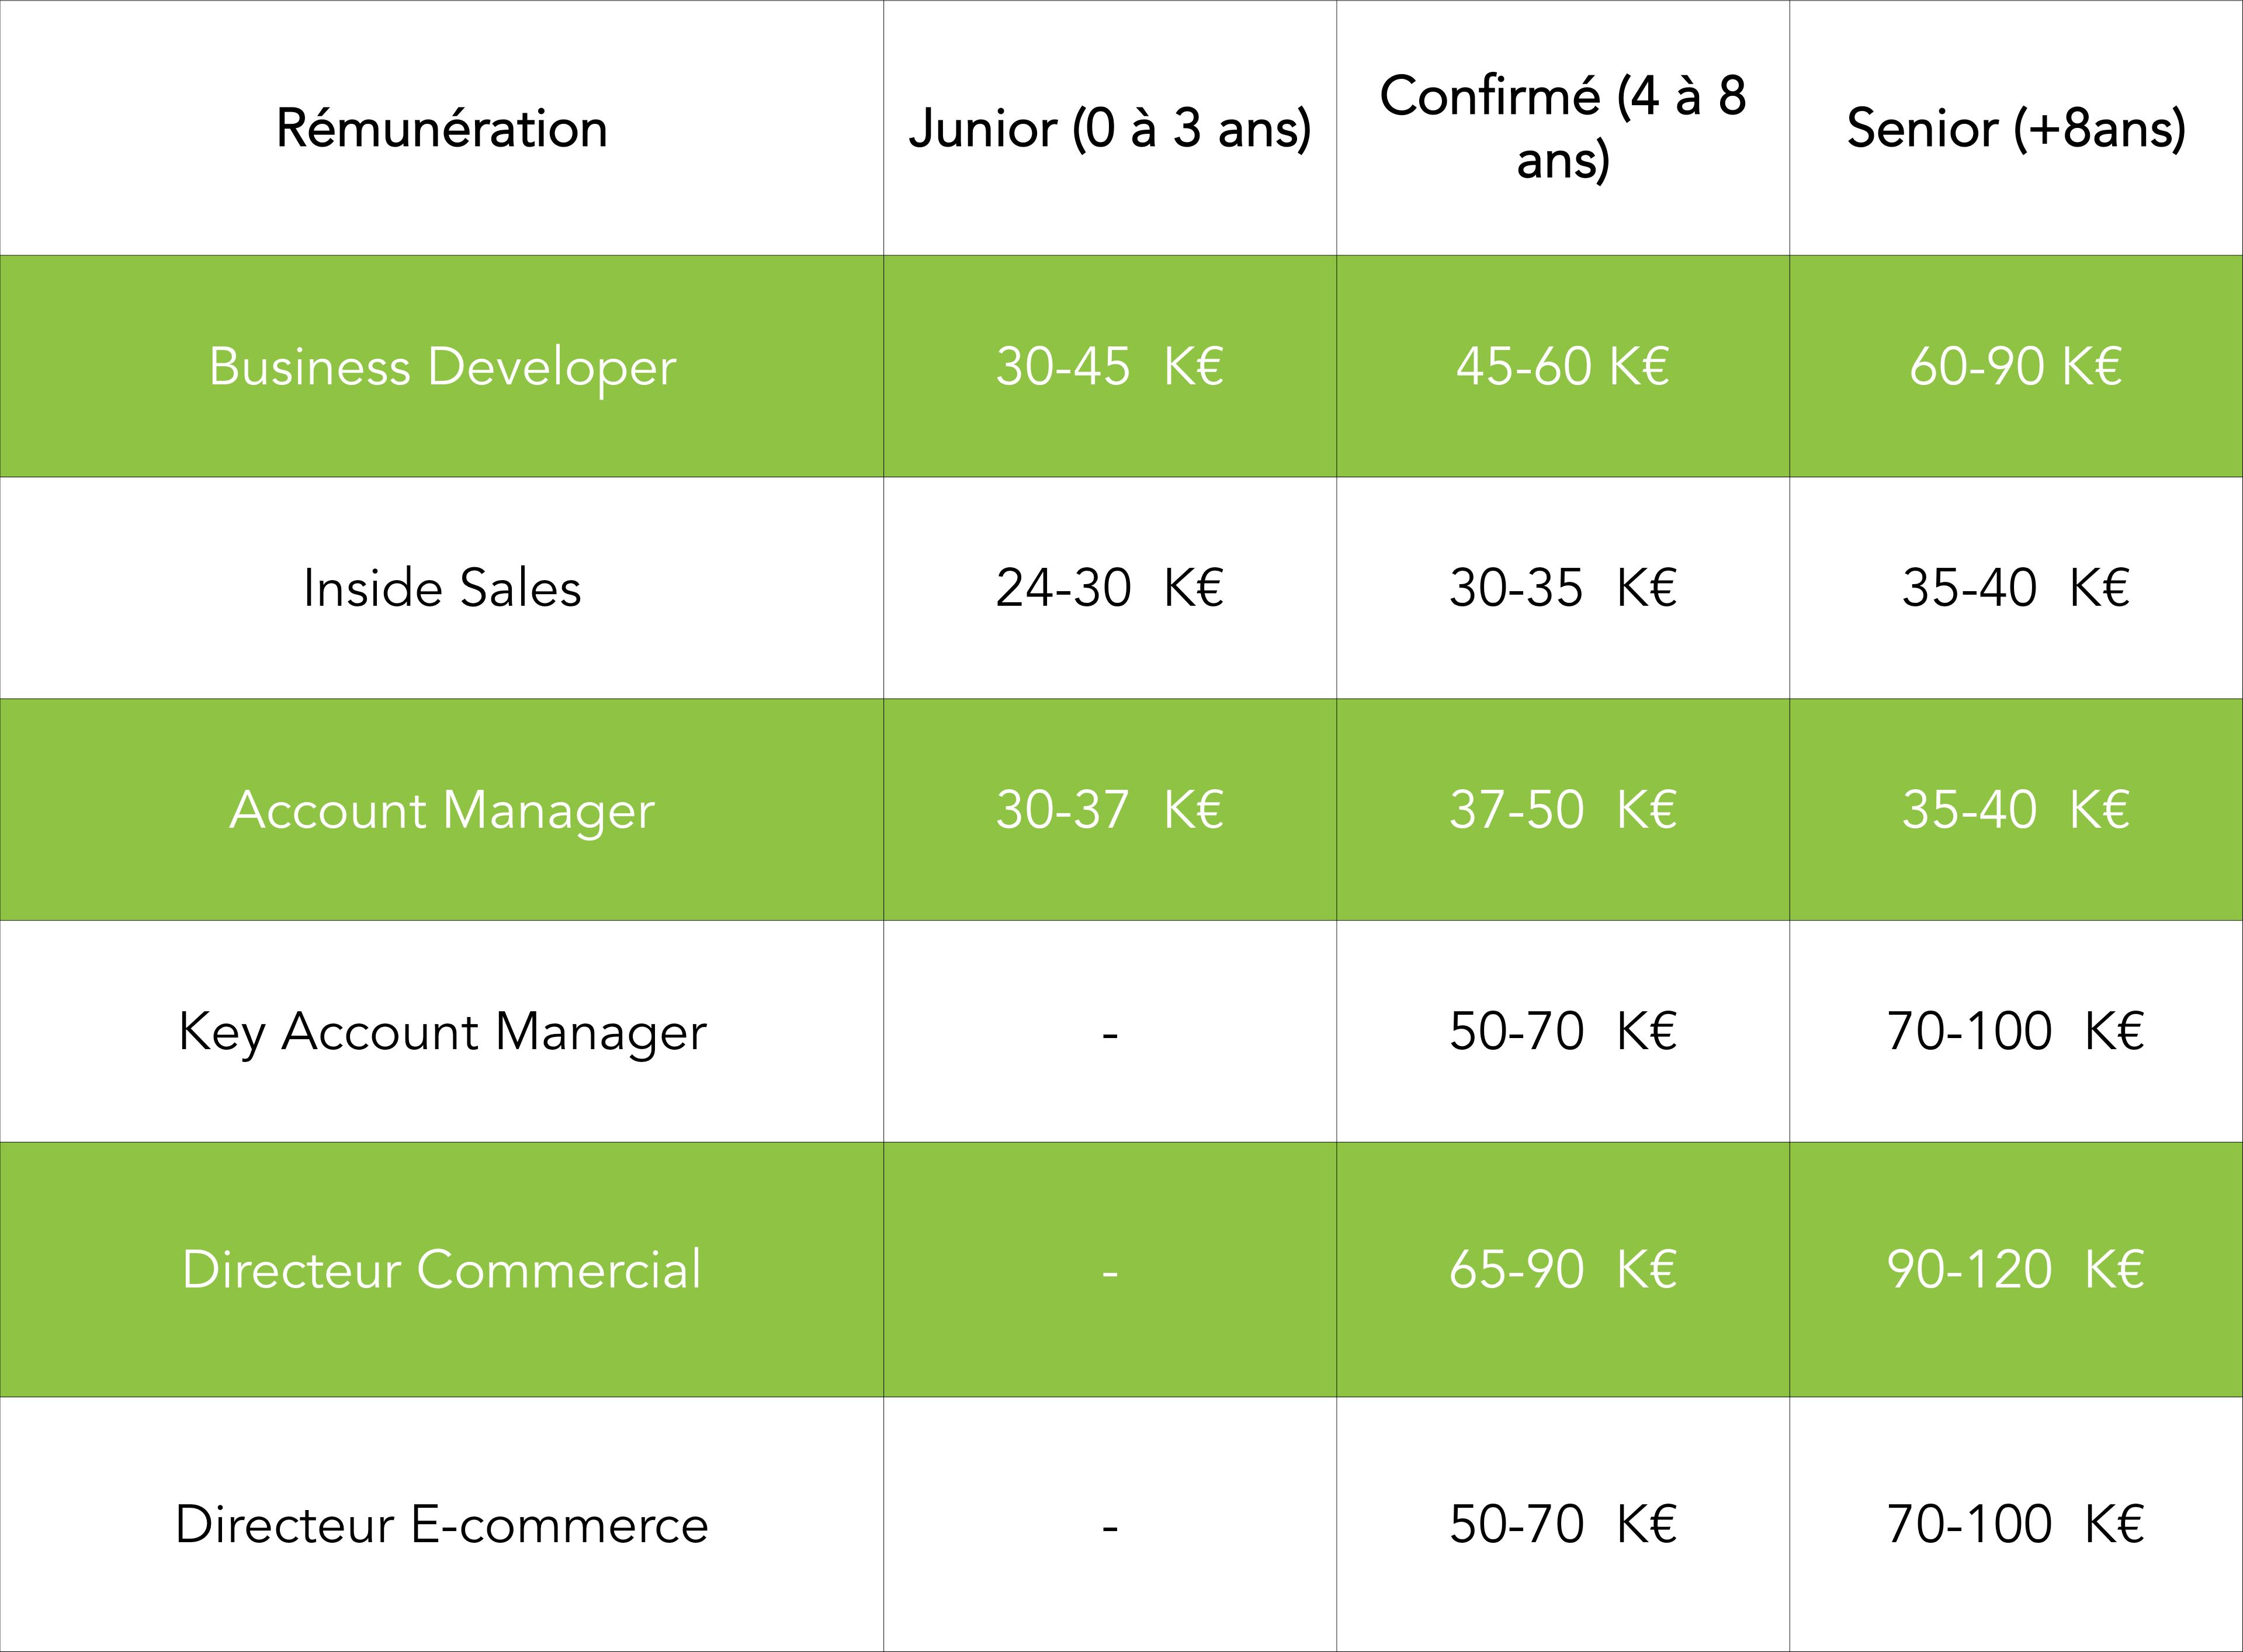 Salaires des profils sales